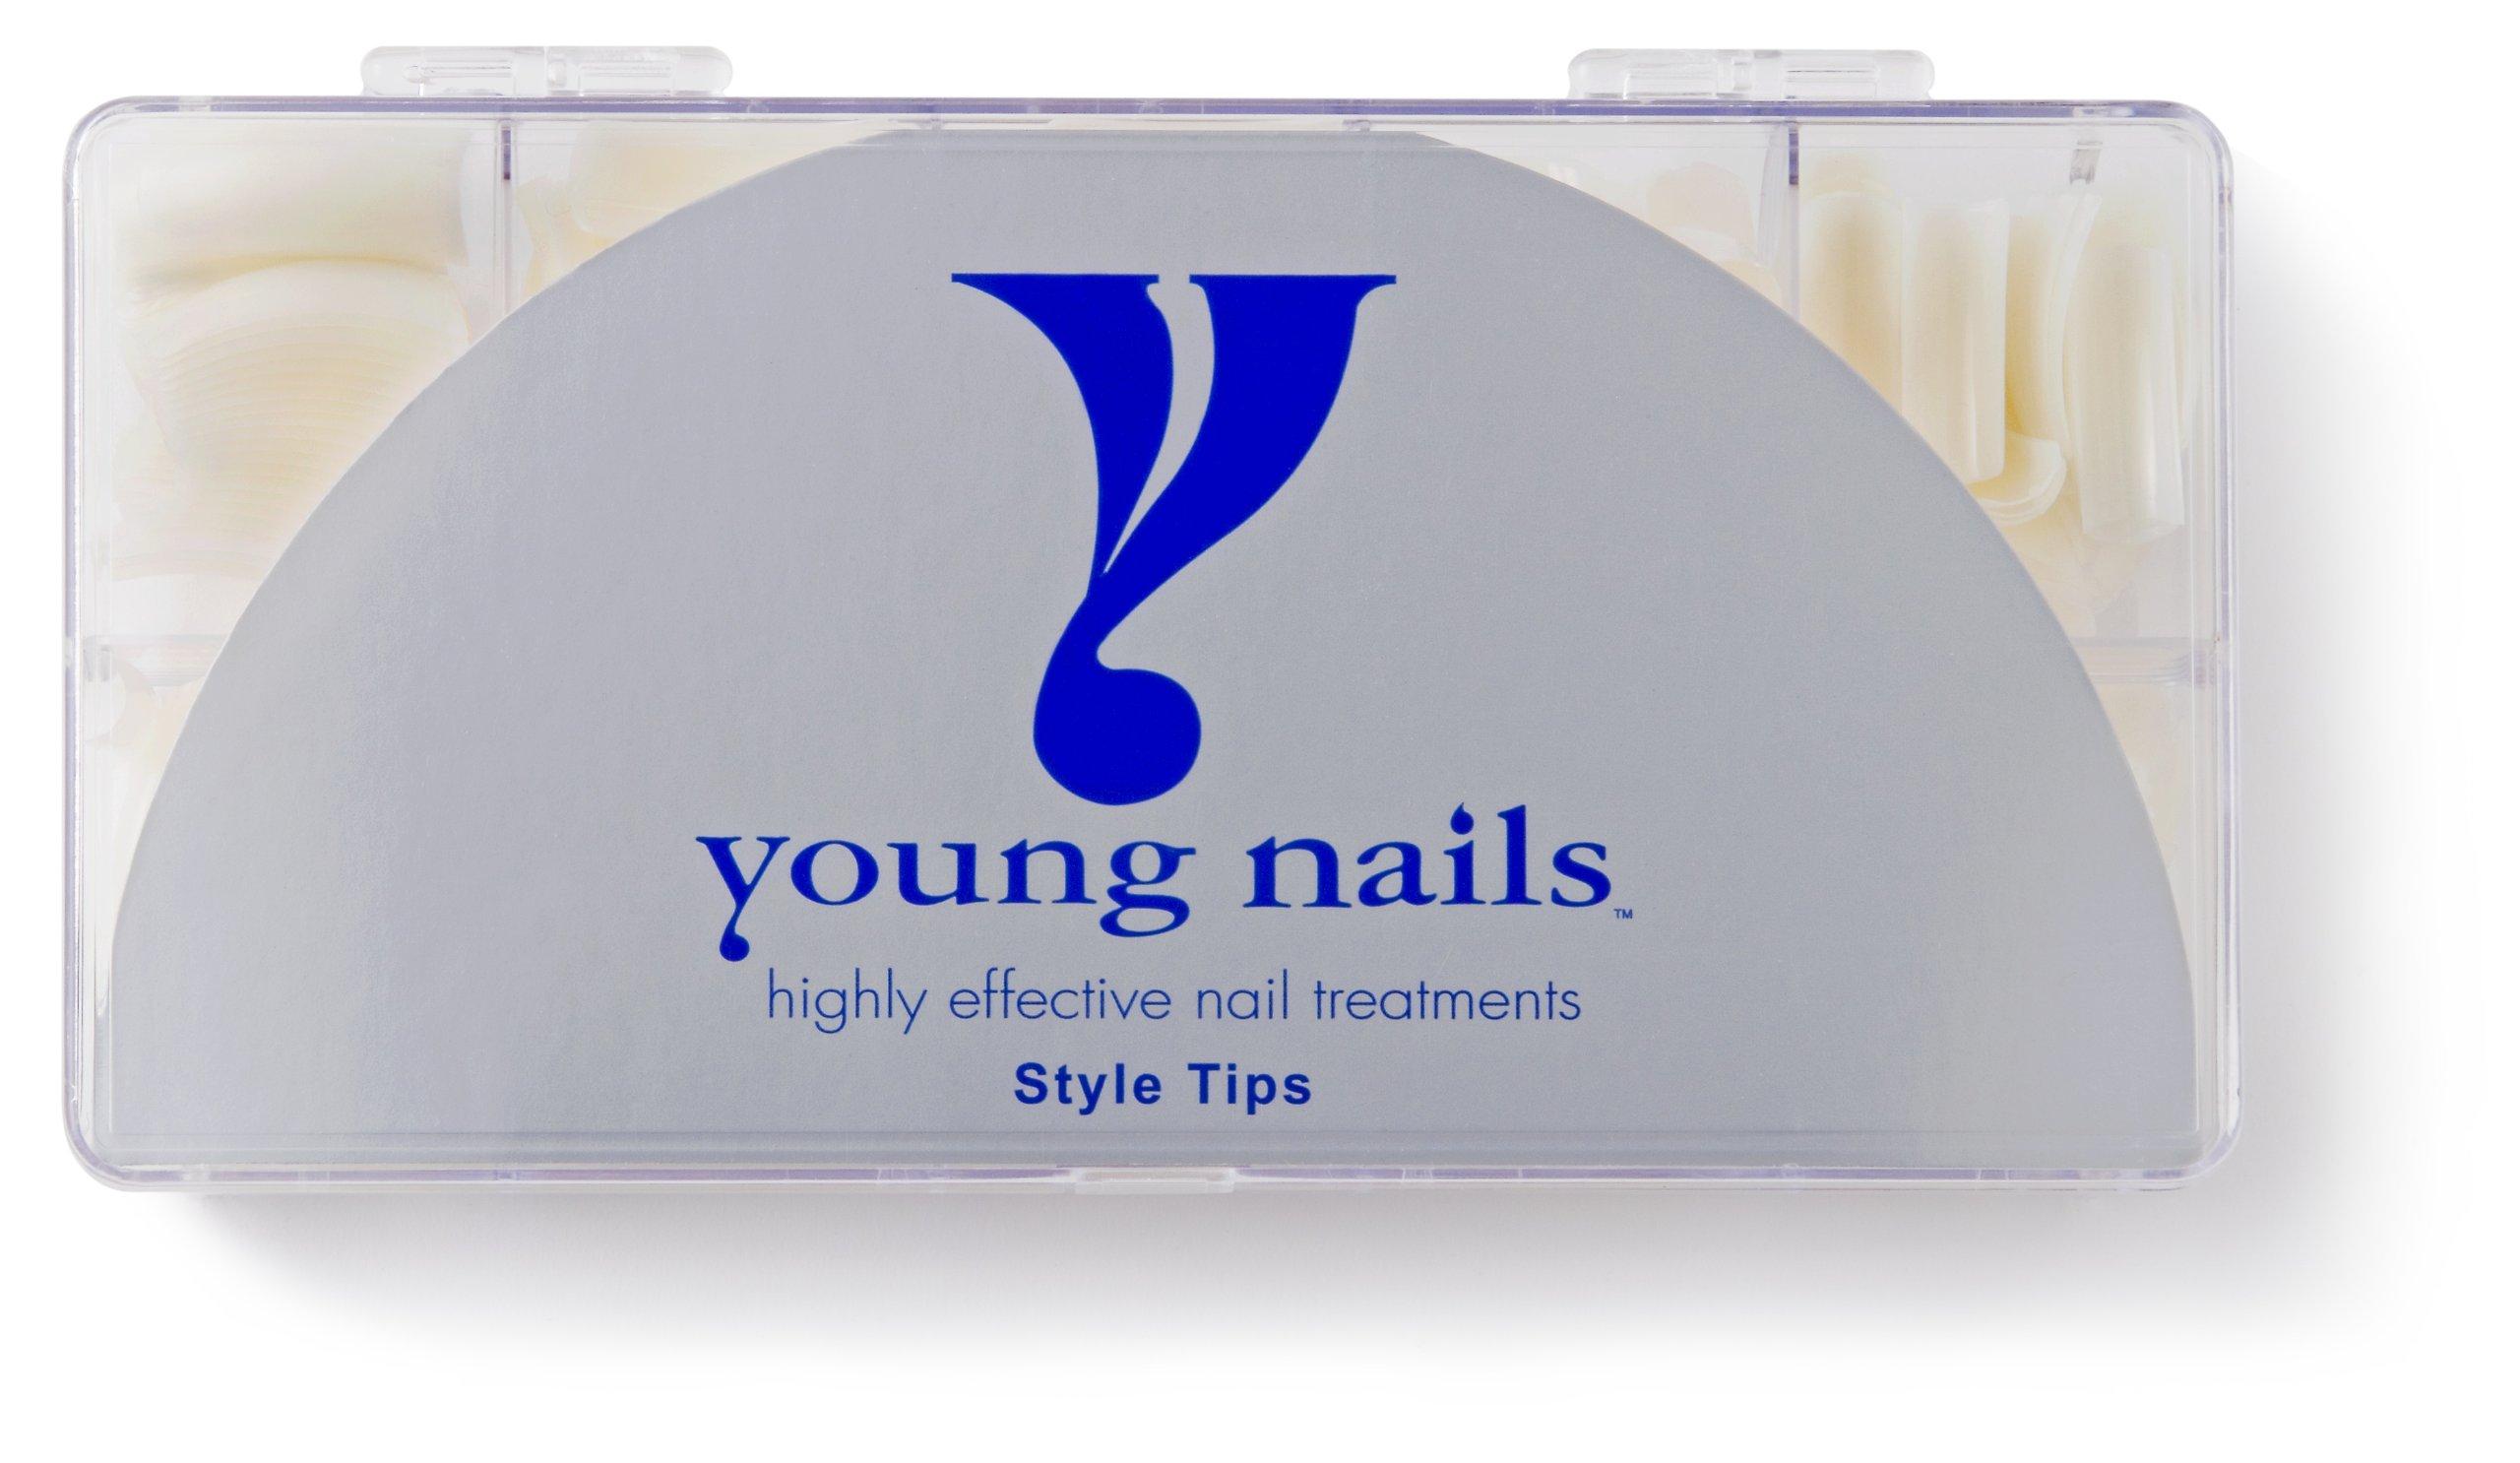 YOUNG NAILS False Nail Tips, Natural, 180 g. by Young Nails